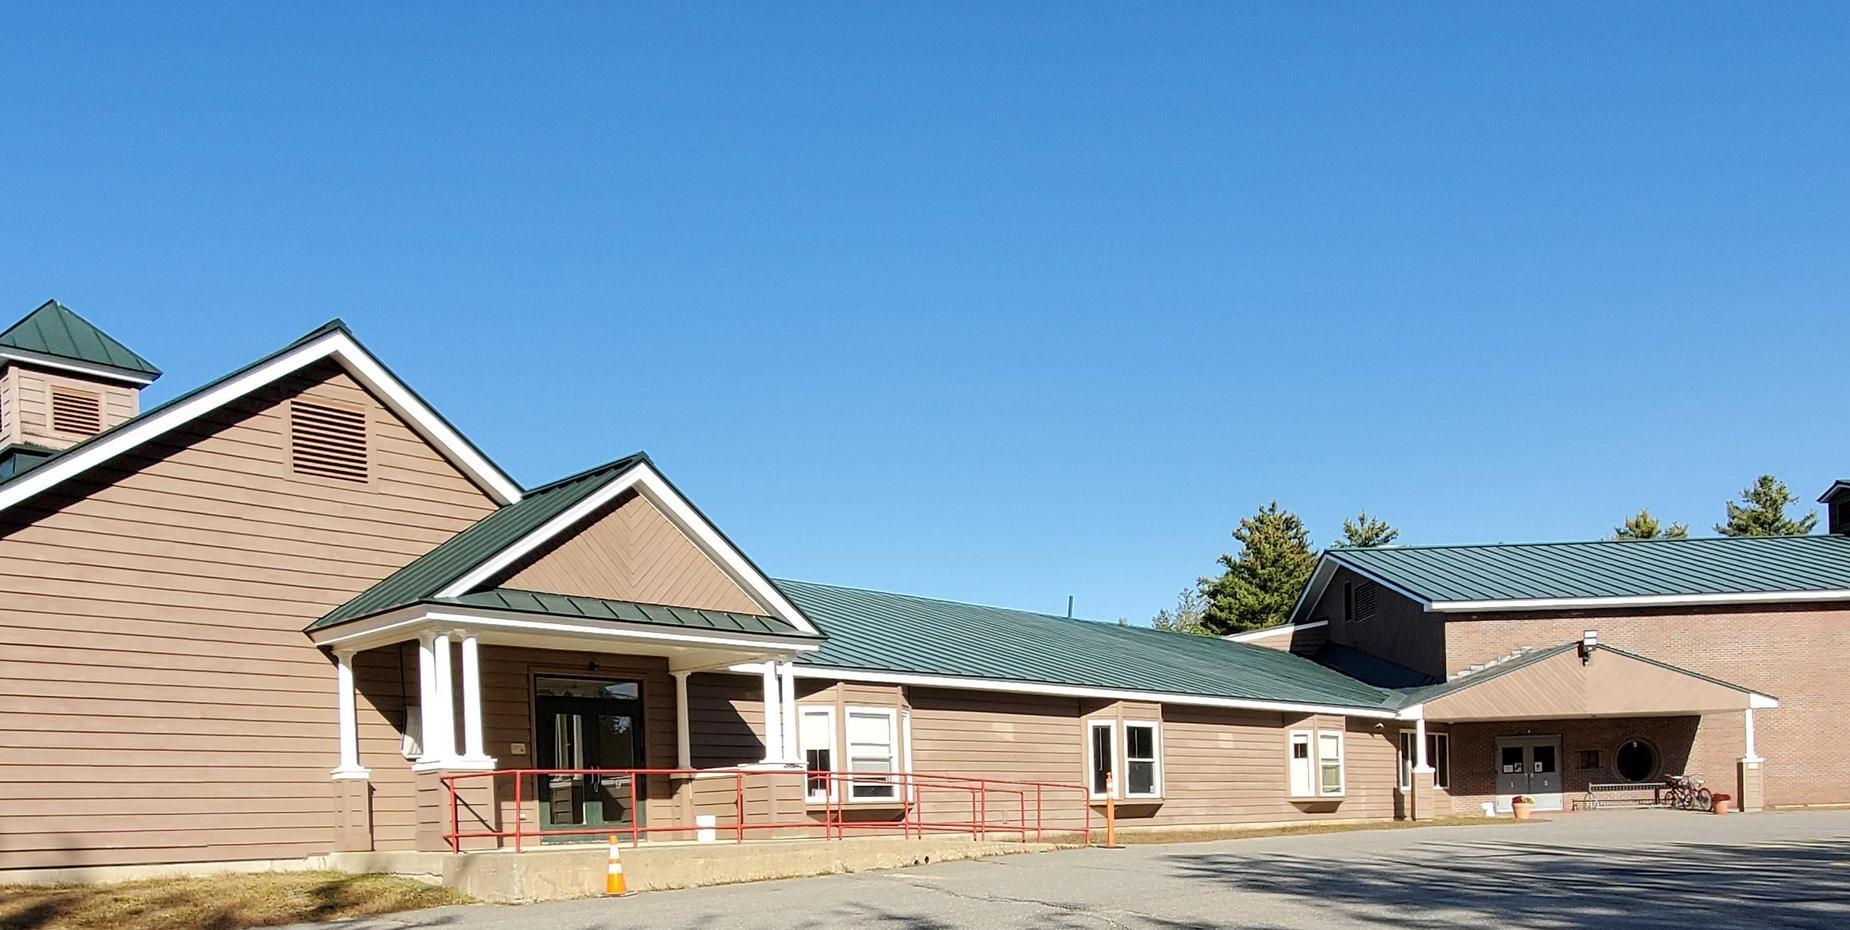 Kingfield Elementary School